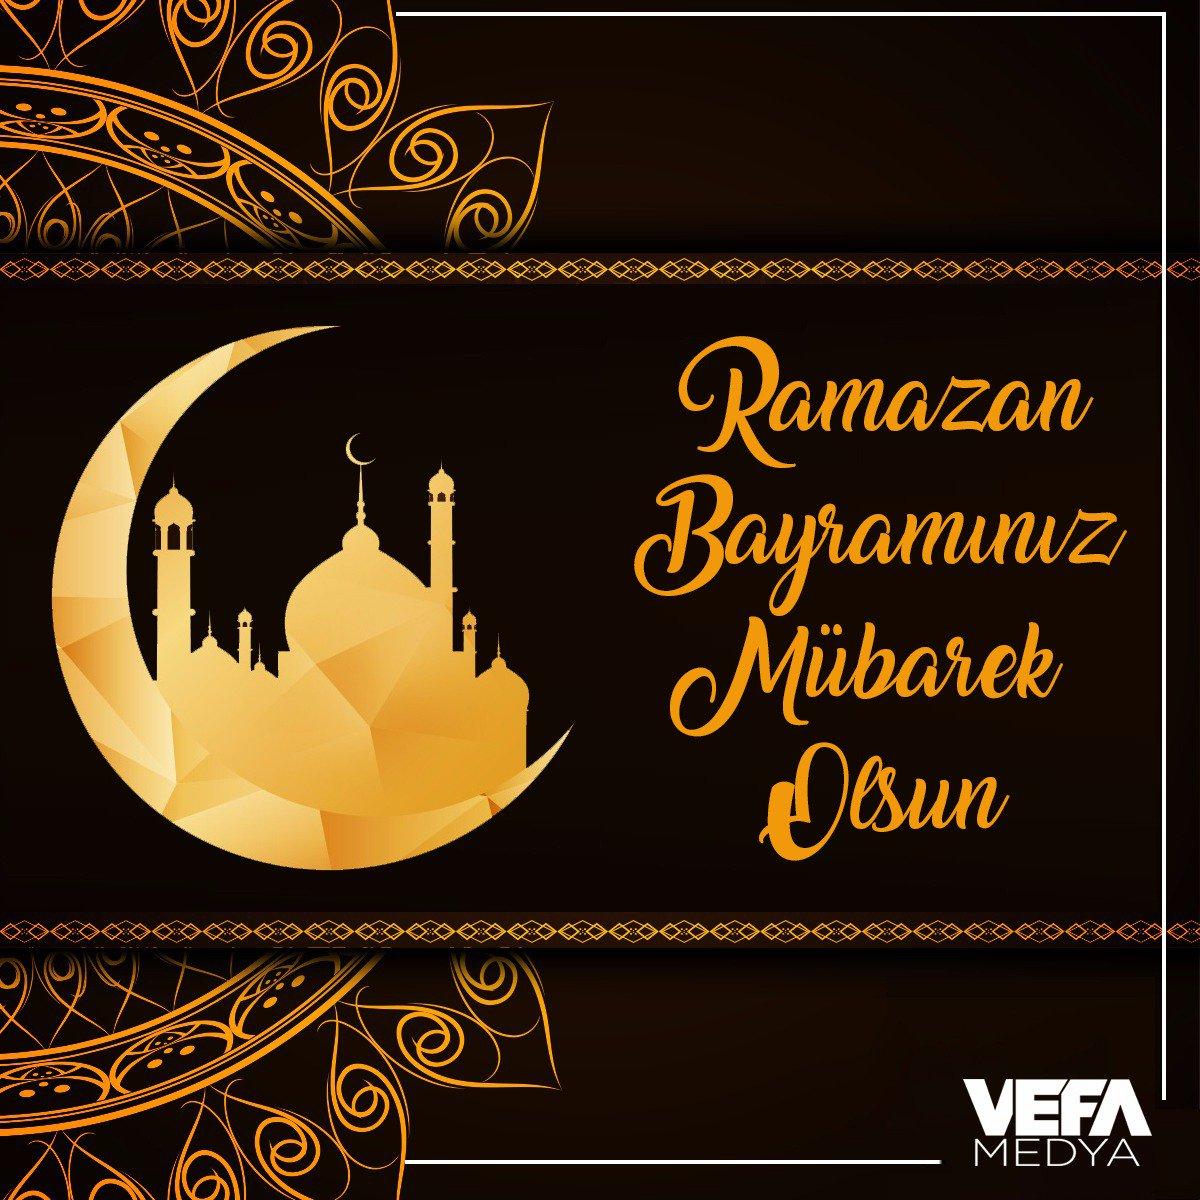 скажет фигня, поздравления с праздником рамазан на турецком ходе